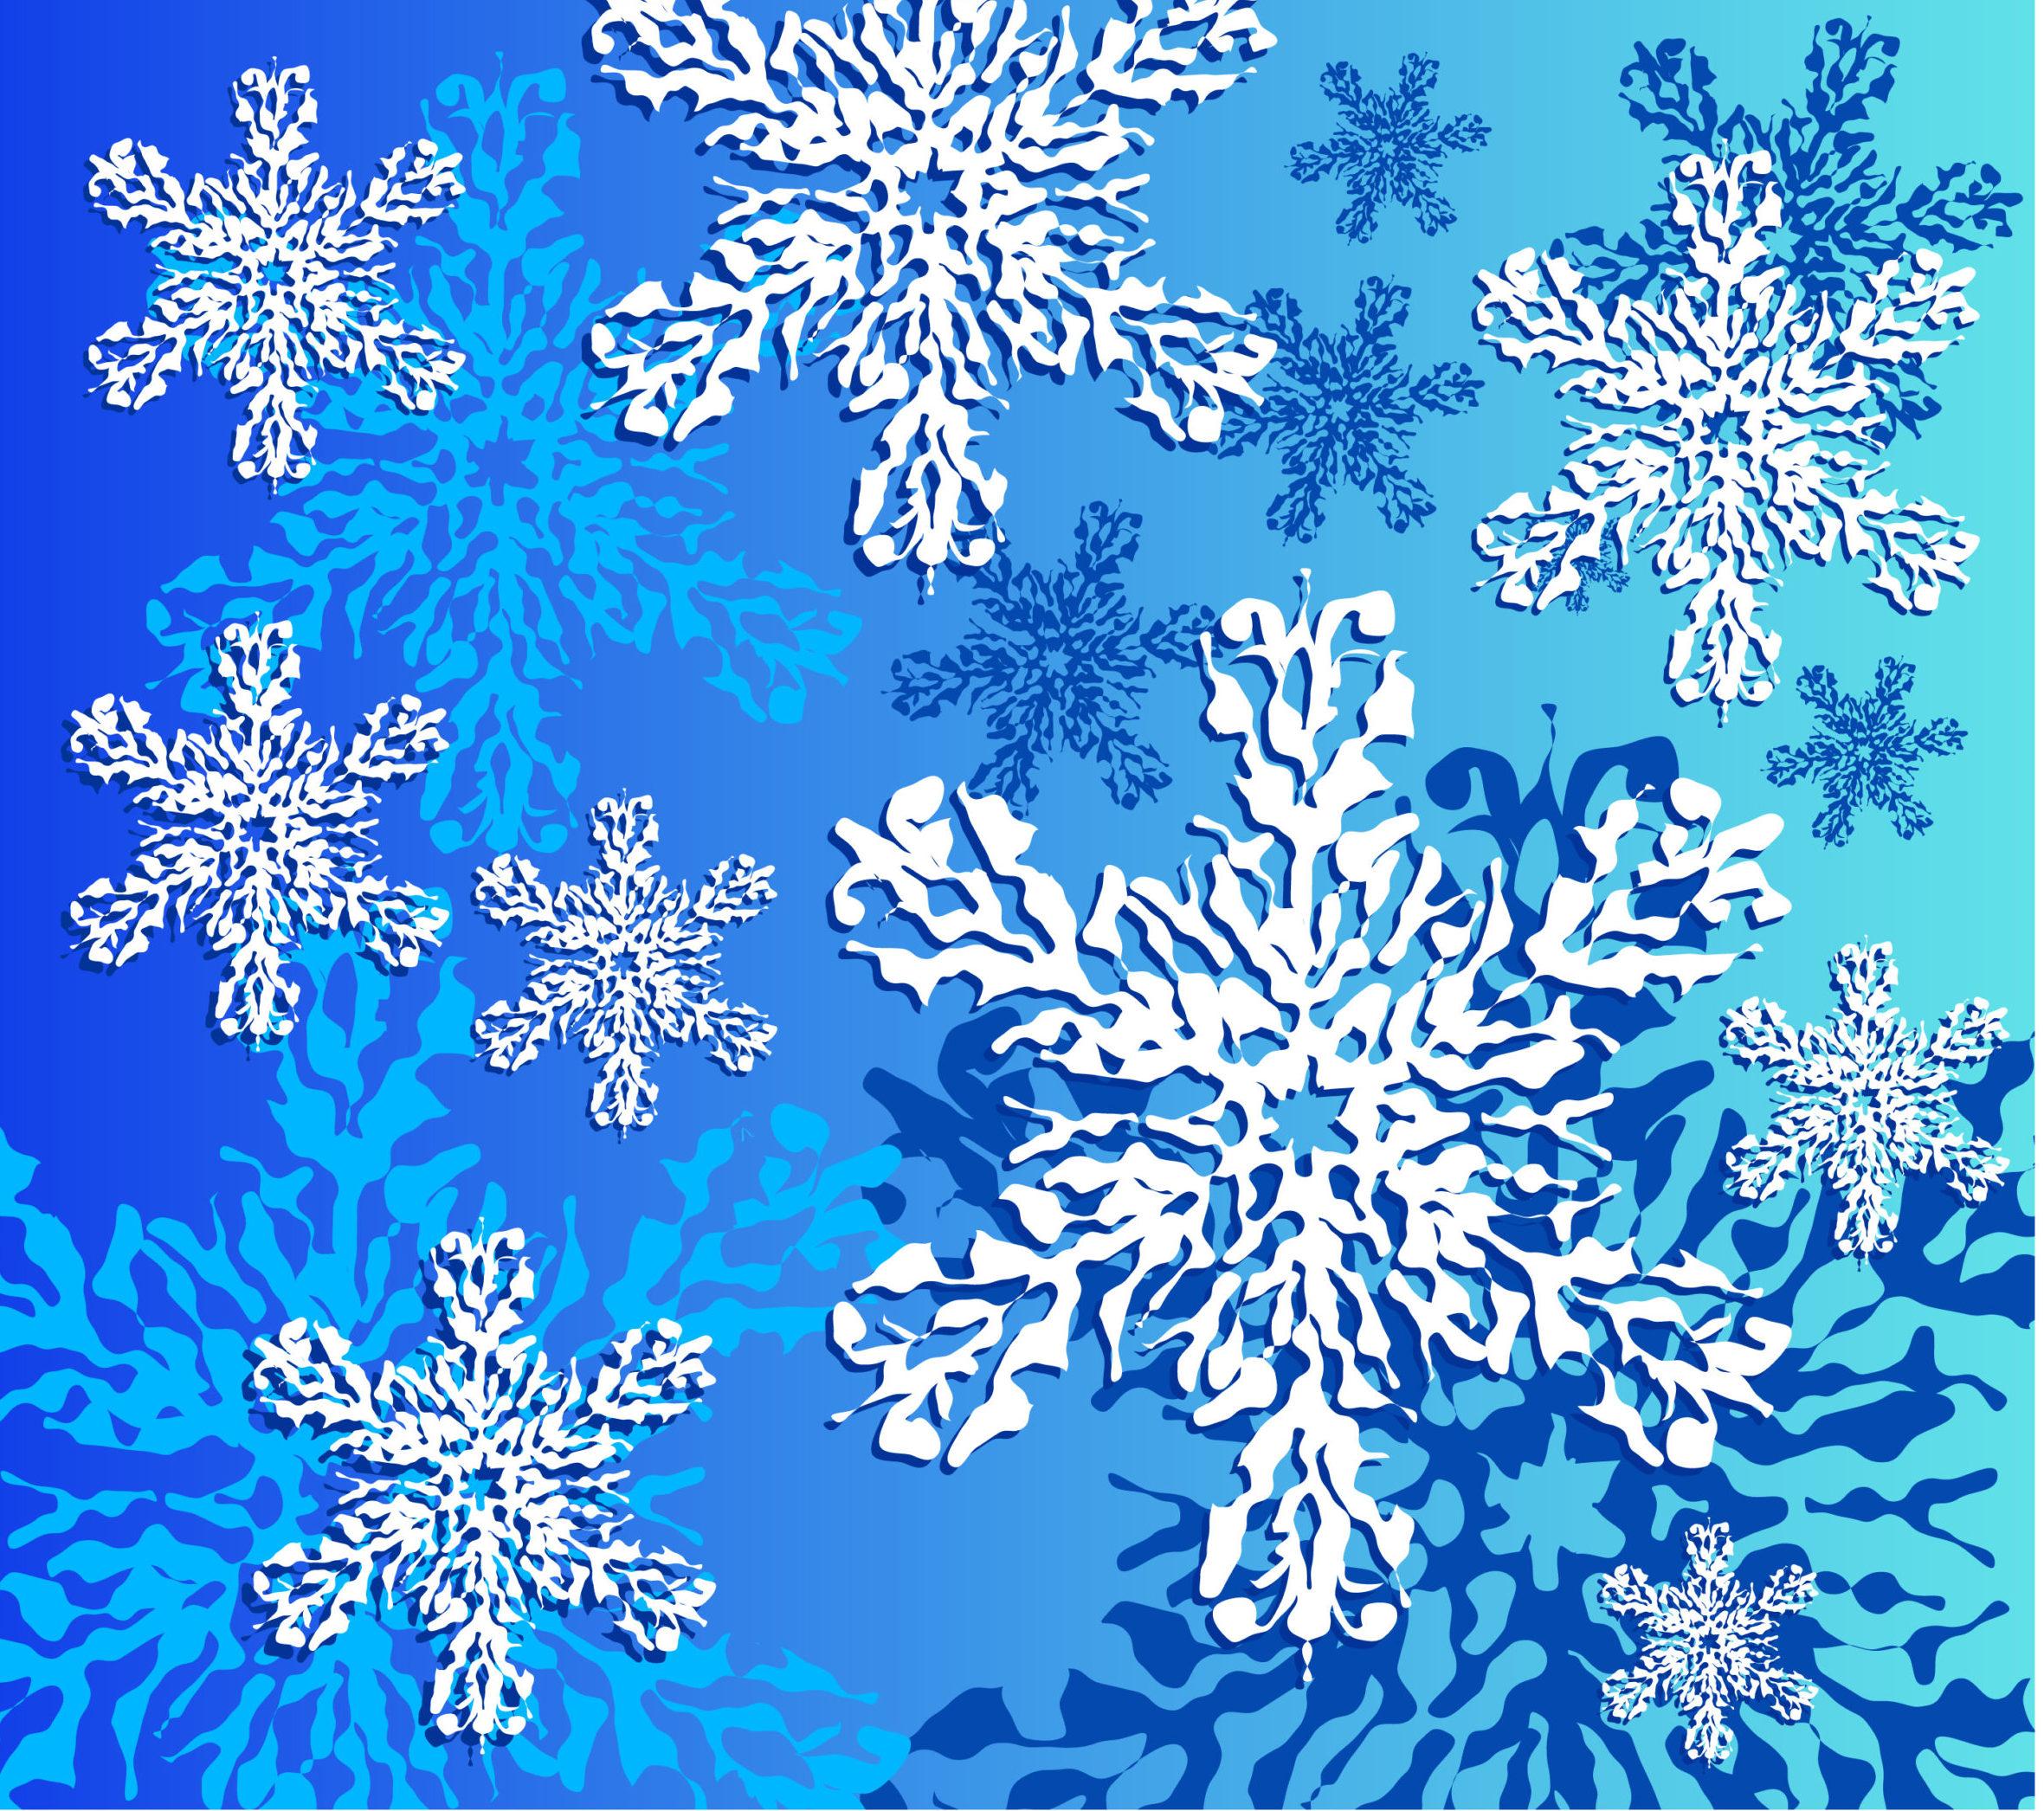 gezeichnete Schneekristalle auf blauem Hintergrund